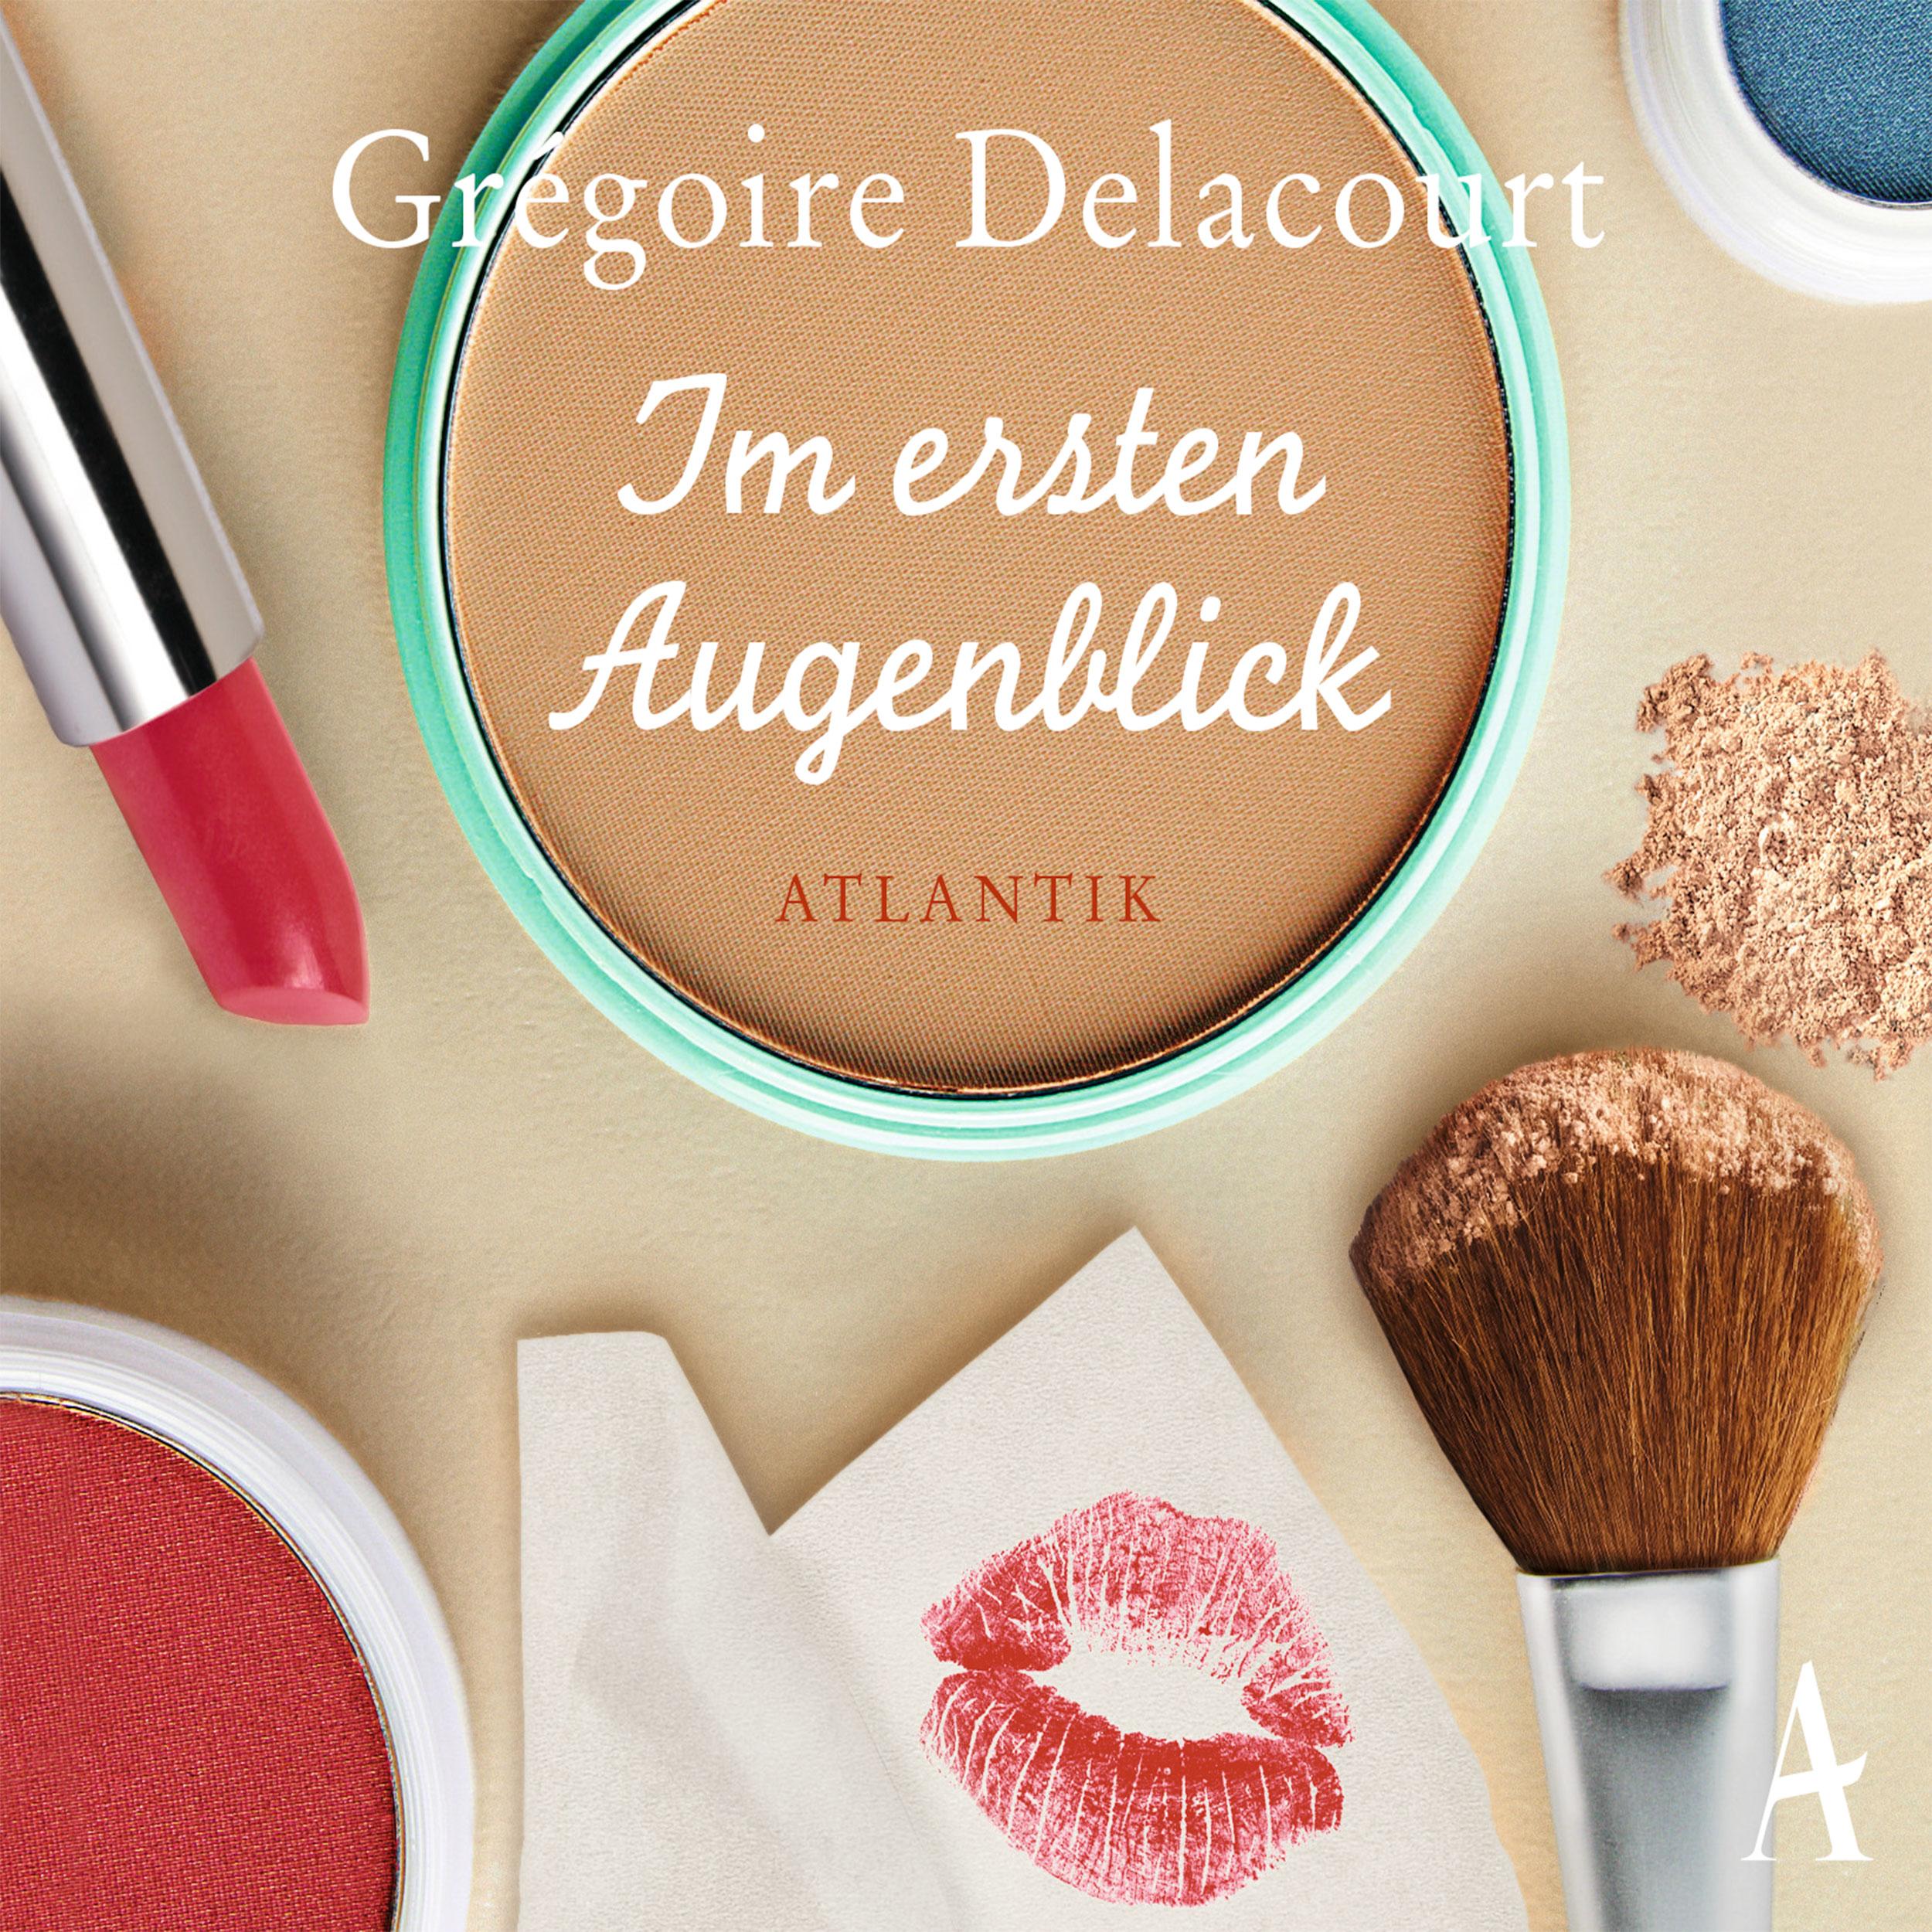 Im ersten Augenblick - Grégoire Delacourt